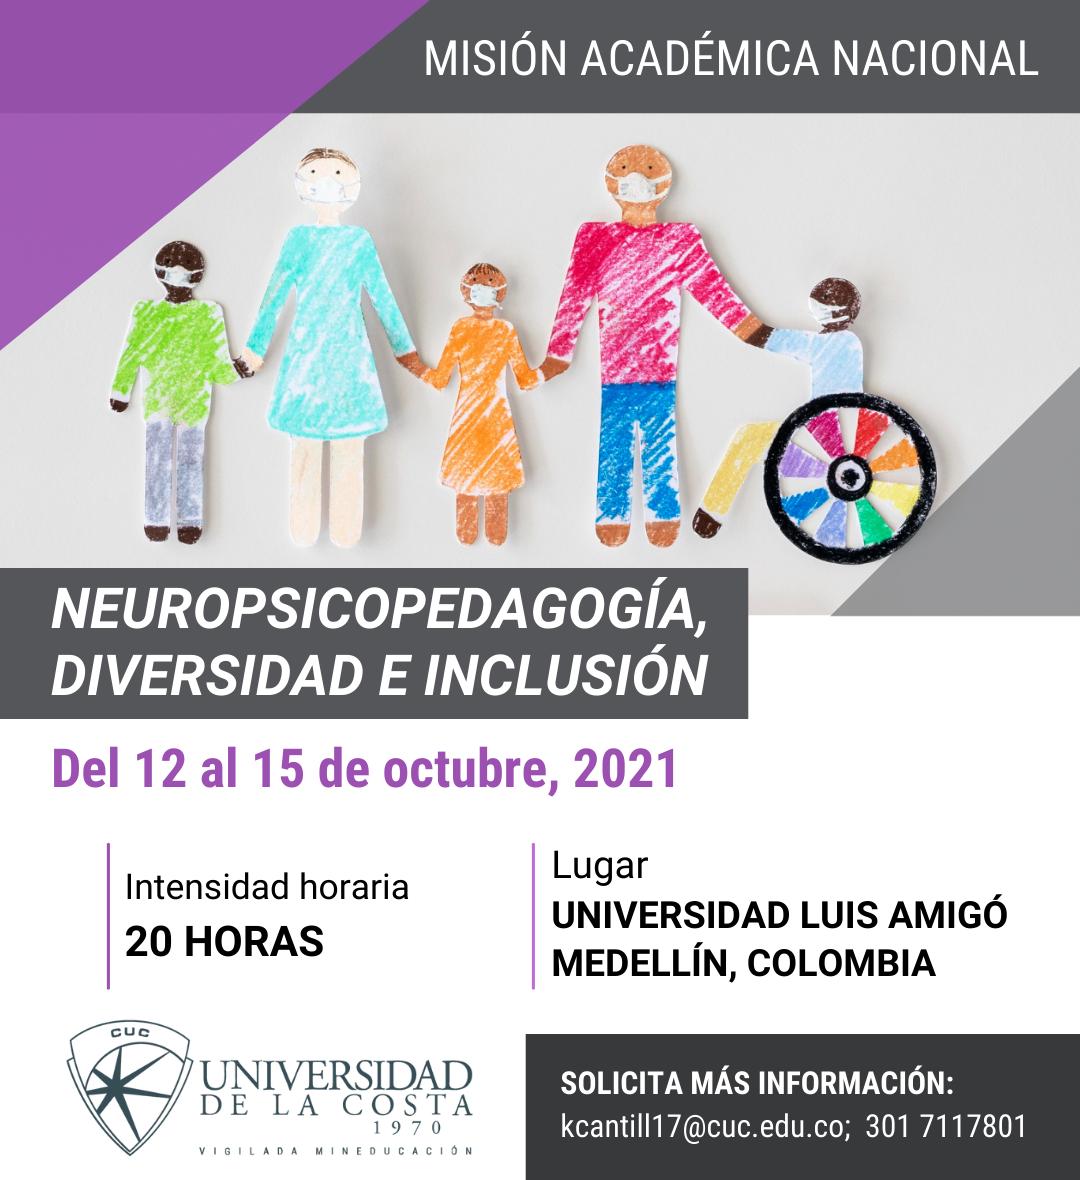 mision academica neuropsicopedagogia unicosta cuc 1